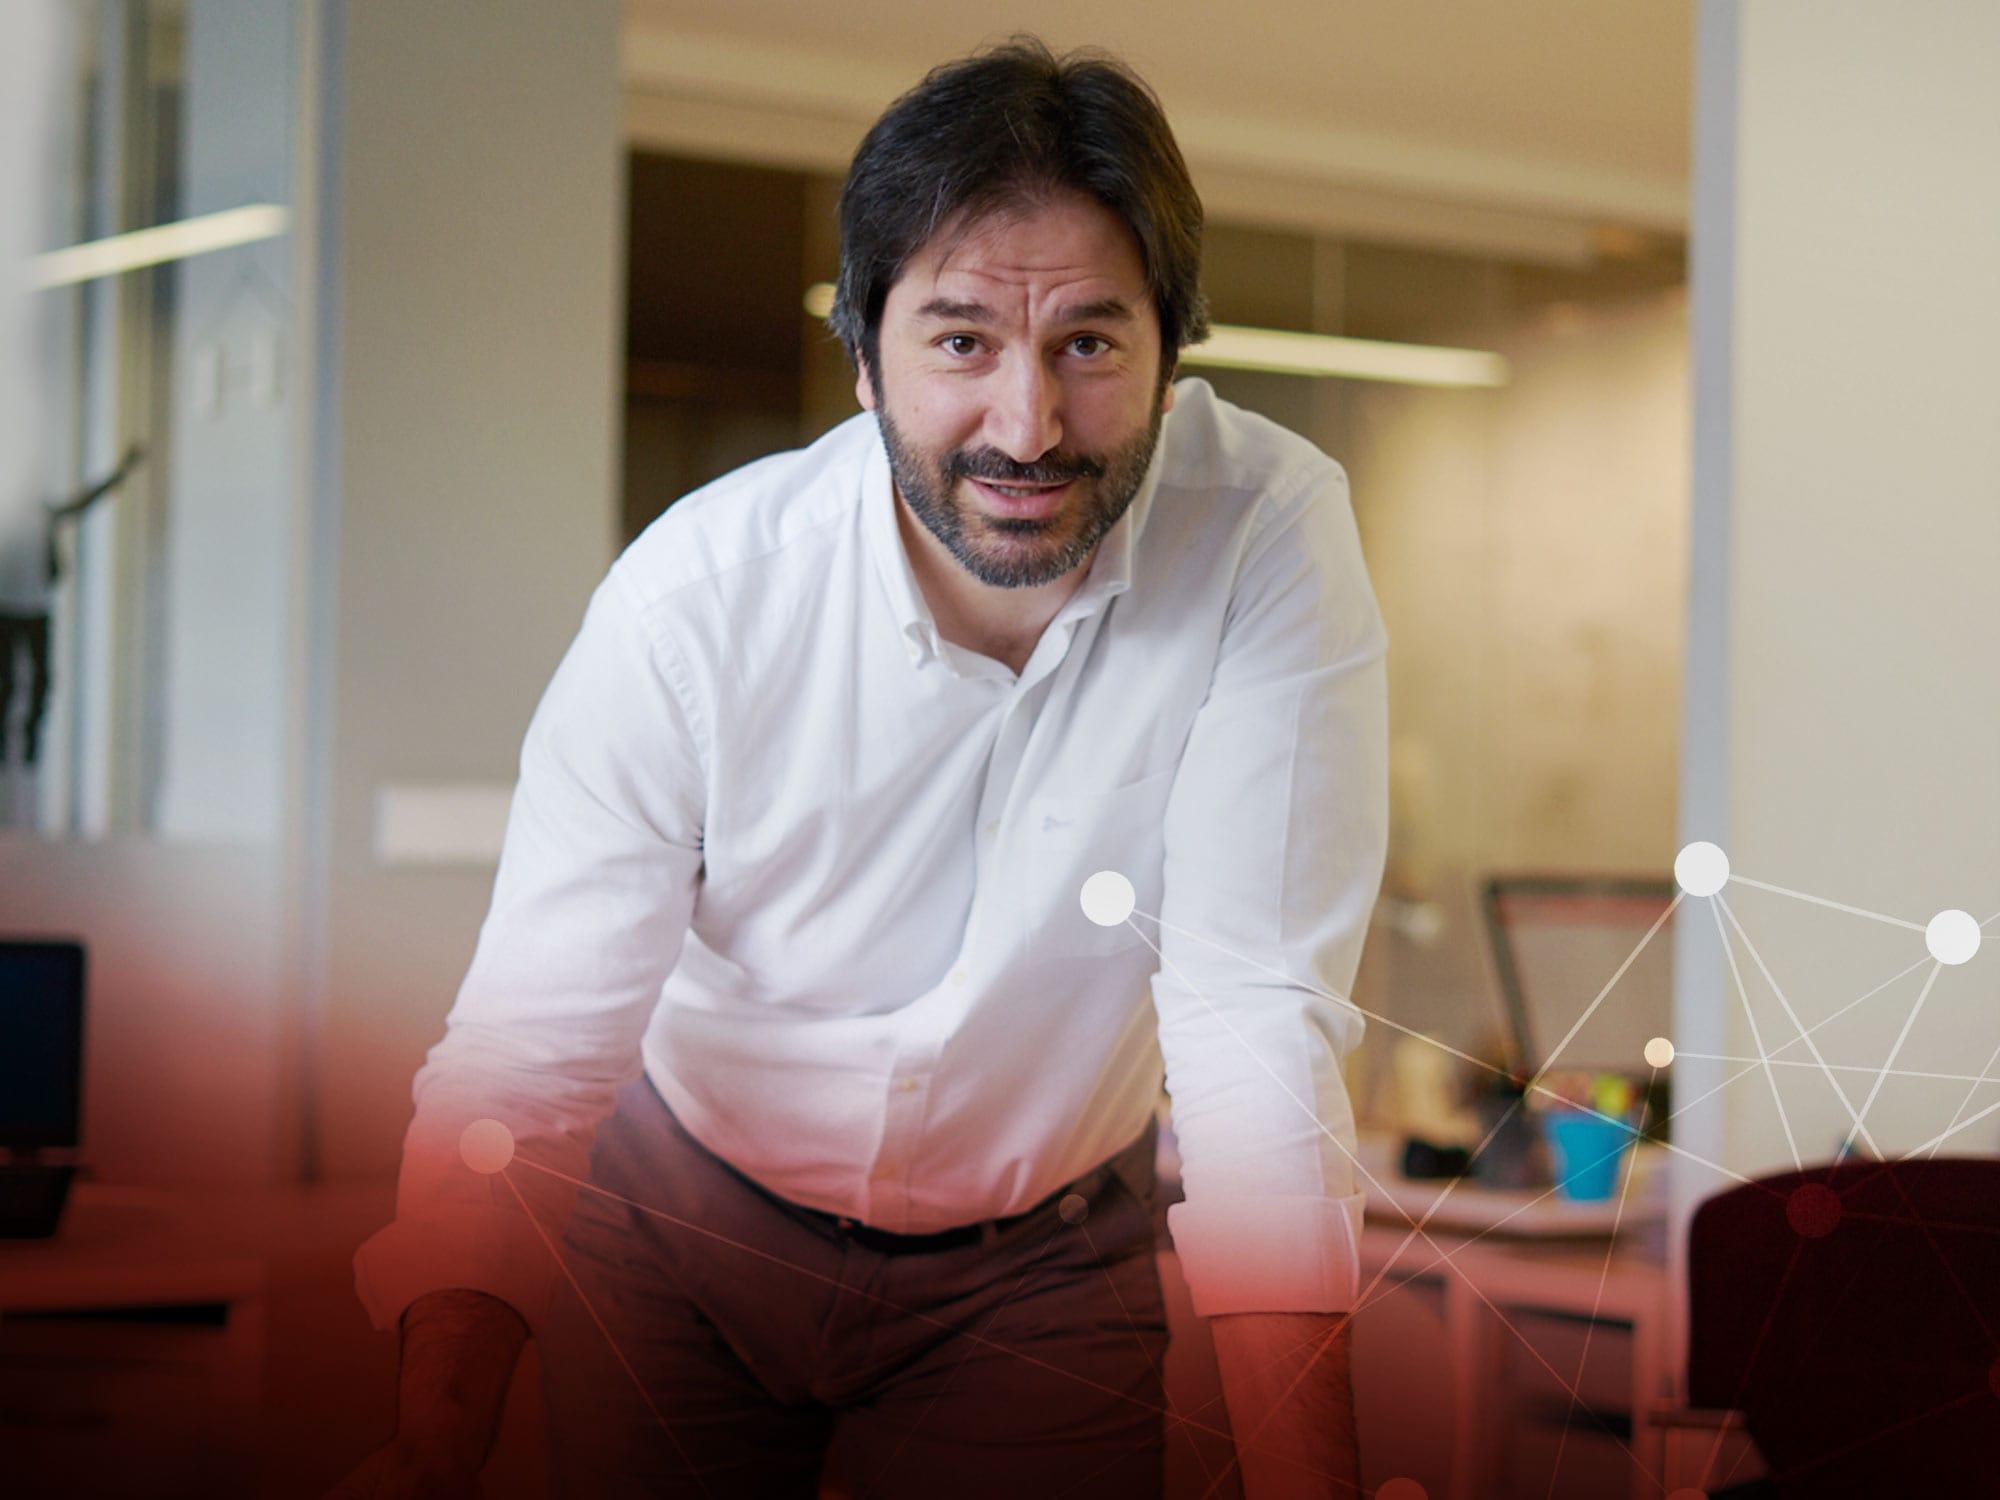 Construir realidades a partir de ideas: conociendo a Iván, director técnico en FLOW